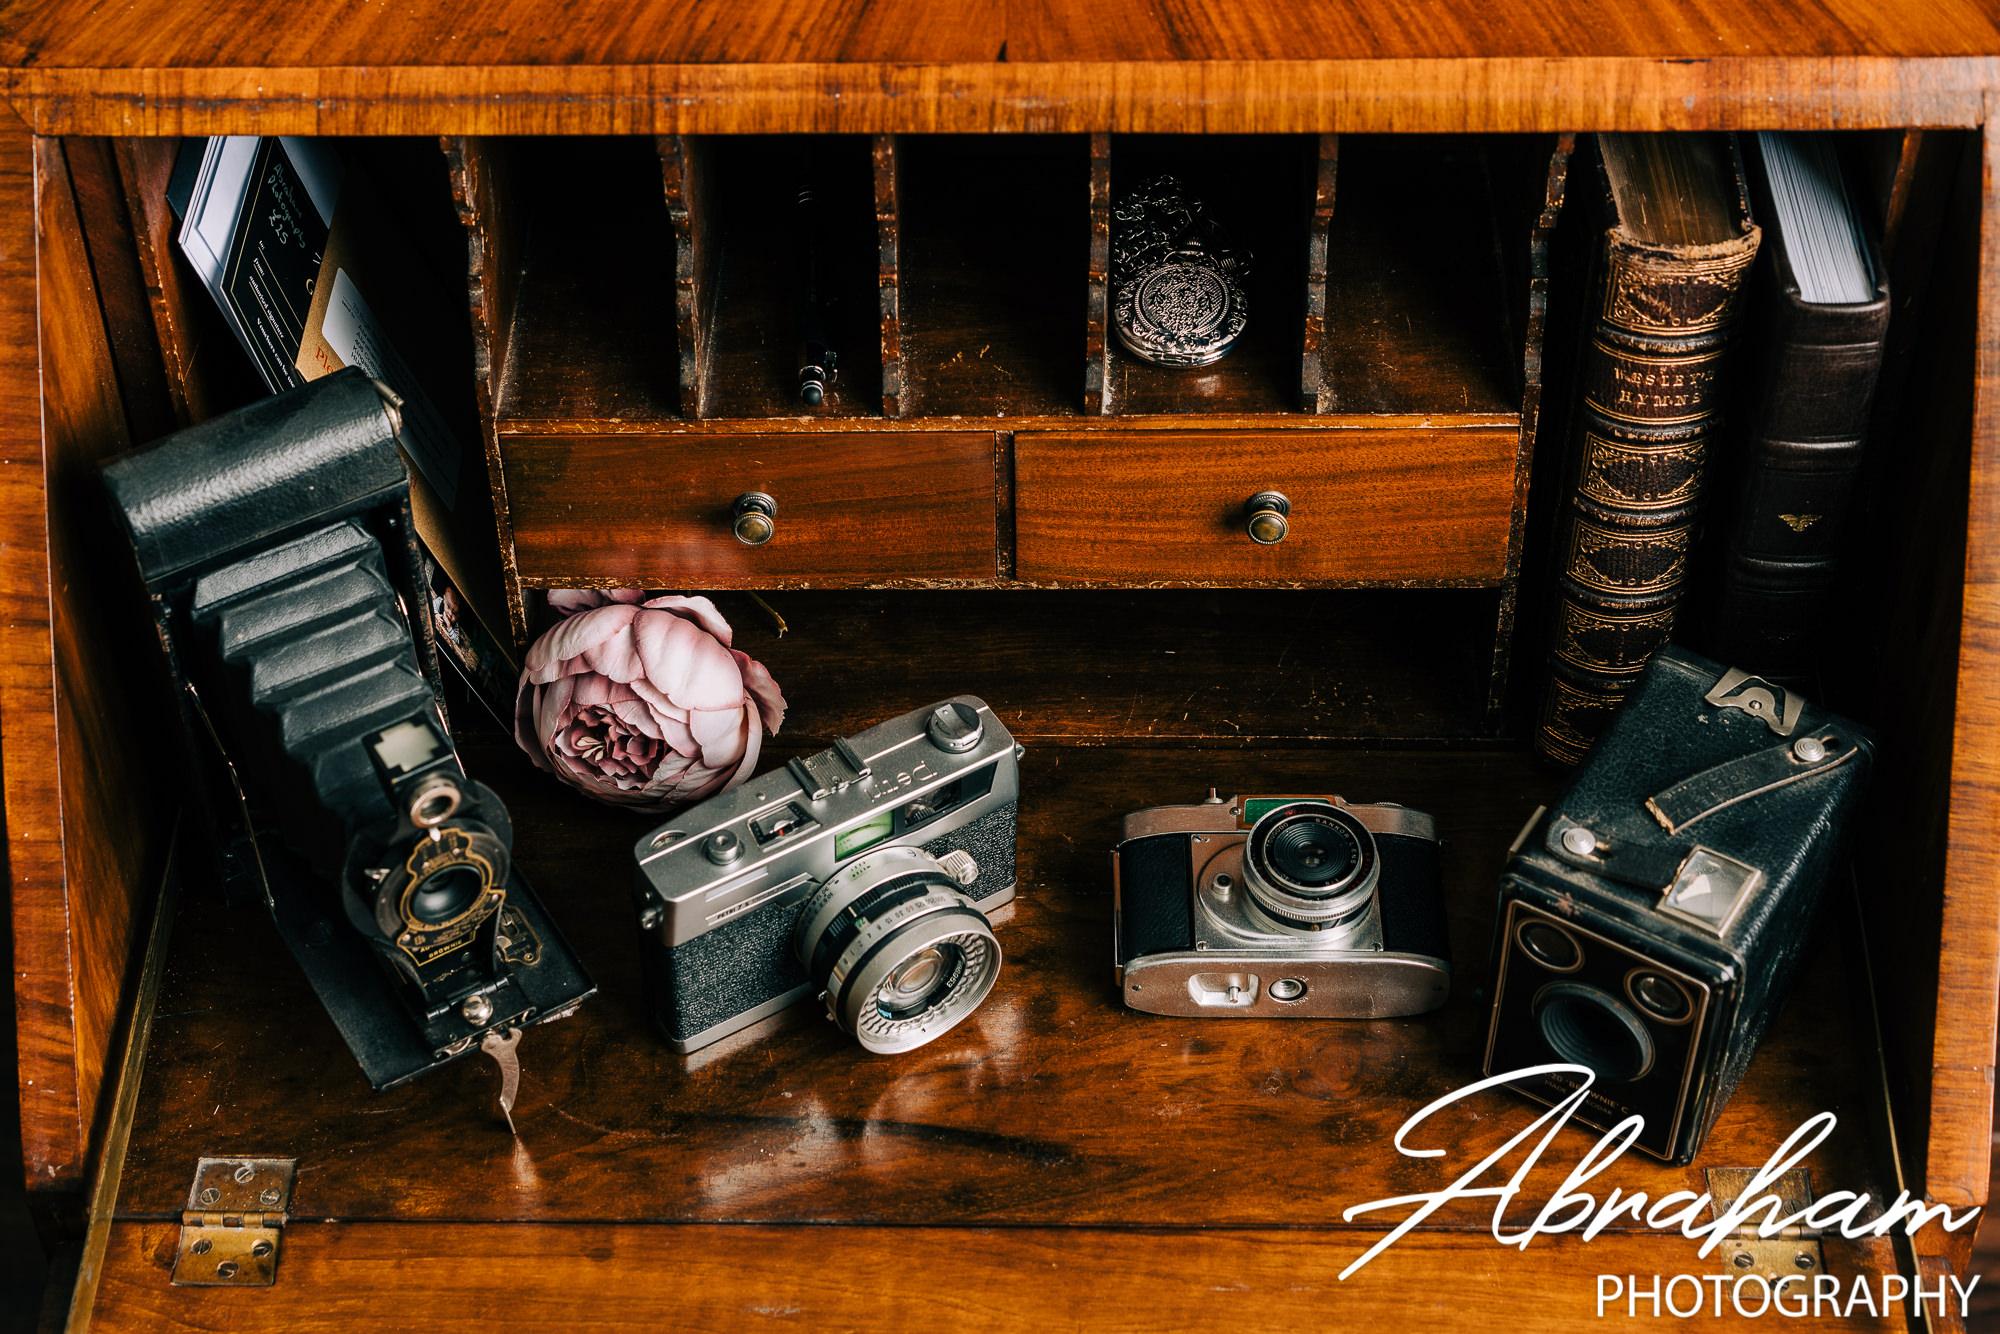 How I became a Wedding Photographer